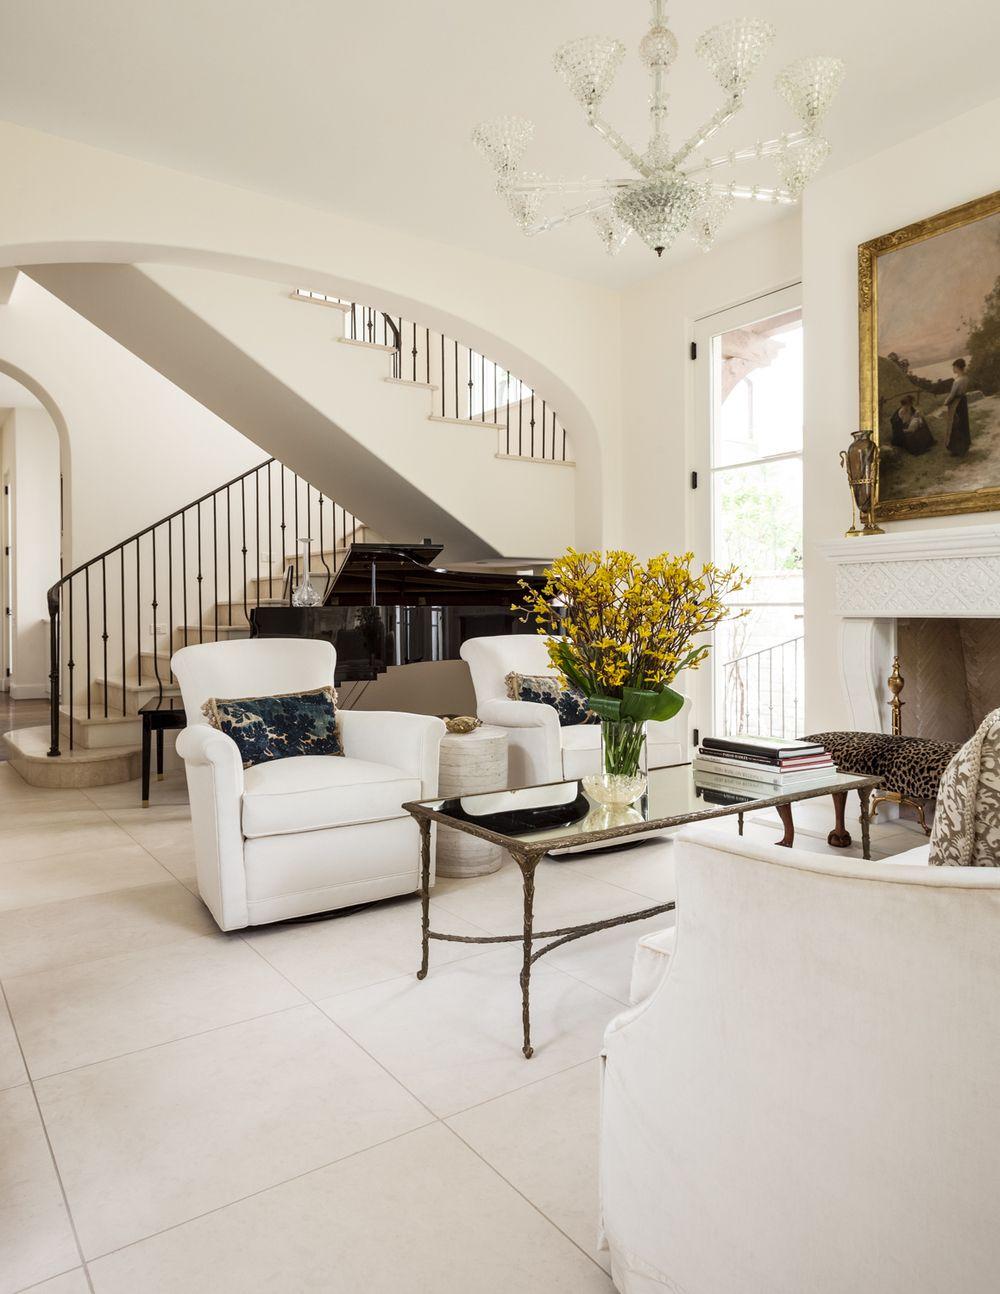 SHM Architects U0026 Interior Design Firm In Dallas